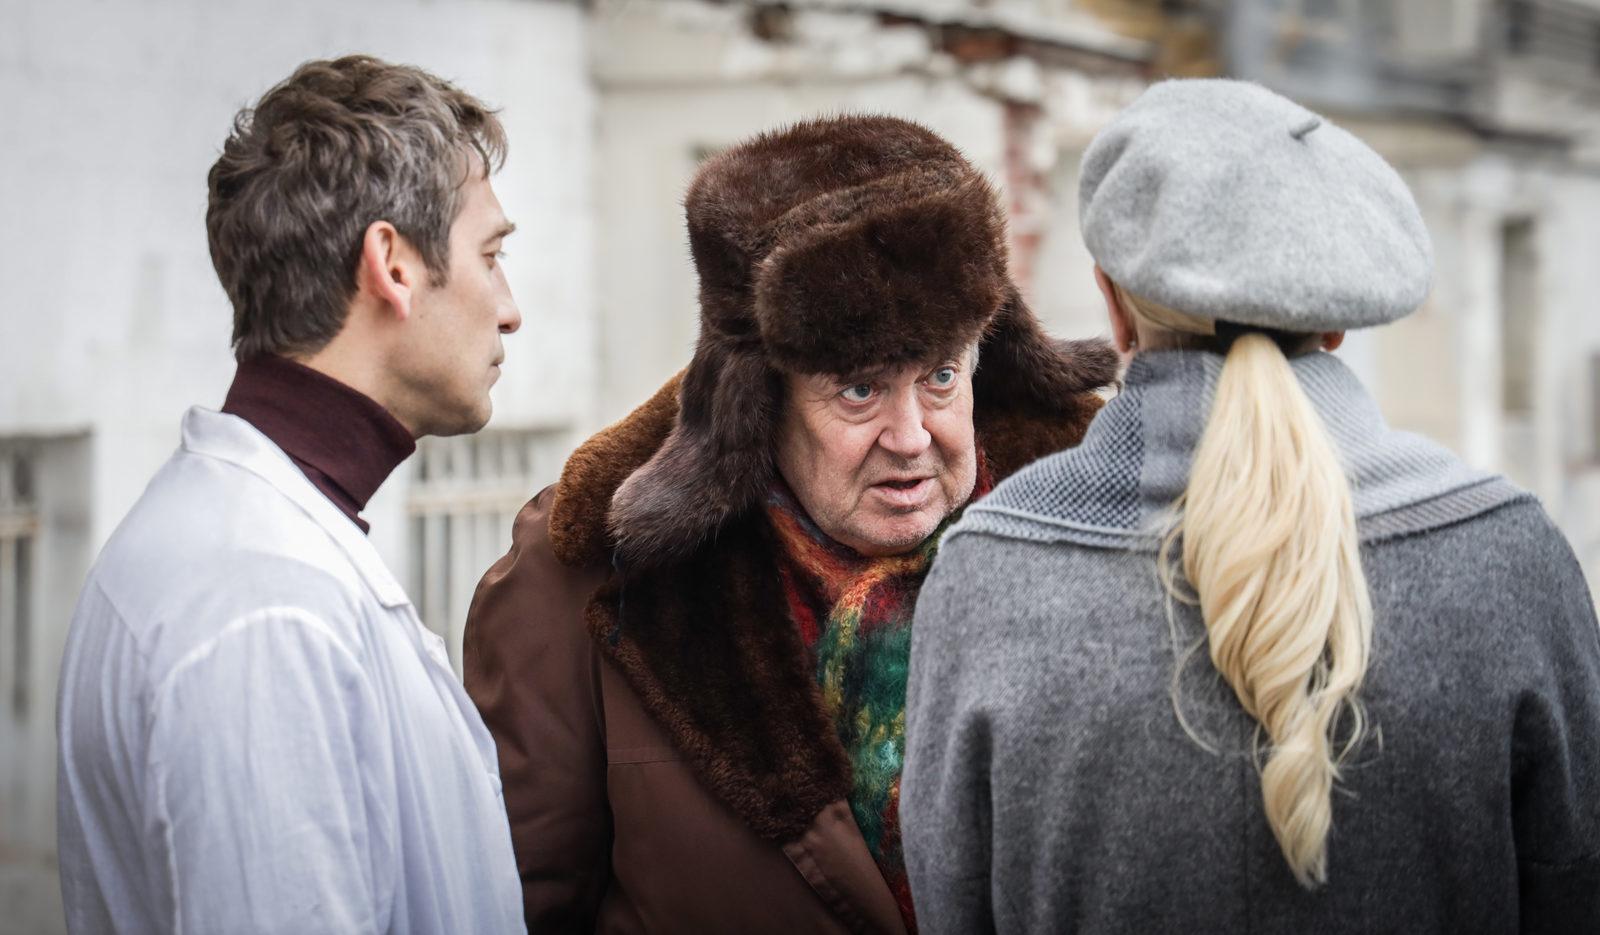 Вампиры средней полосы (2021) - кадры из фильма - российские фильмы и  сериалы - Кино-Театр.РУ